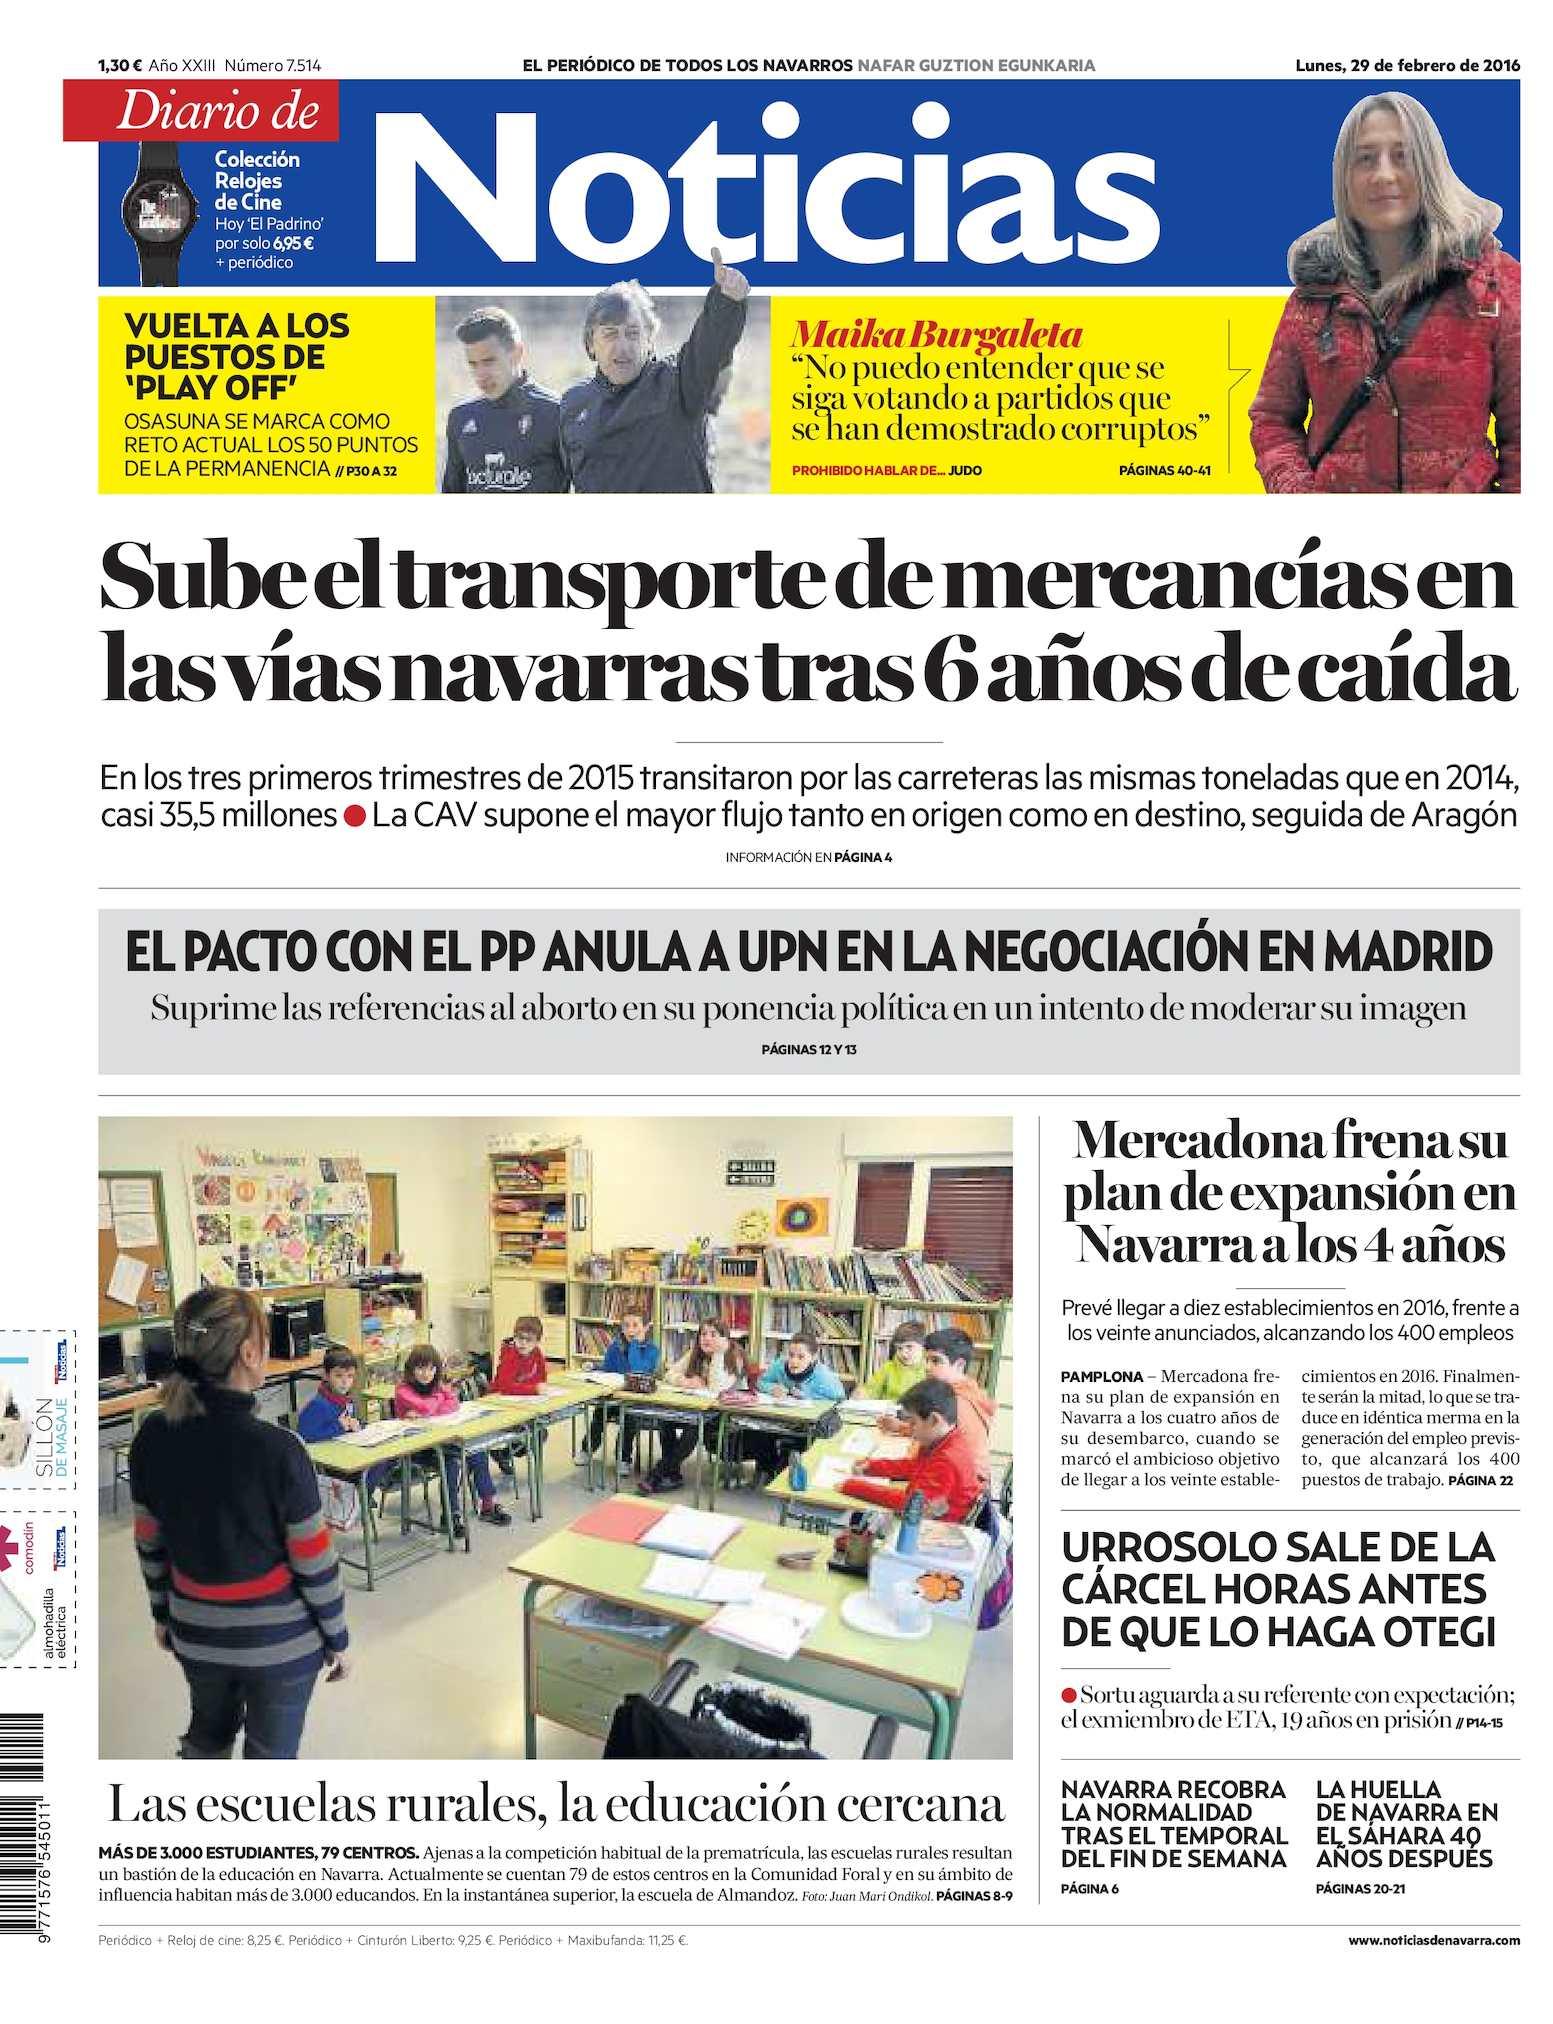 Calaméo - Diario de Noticias 20160229